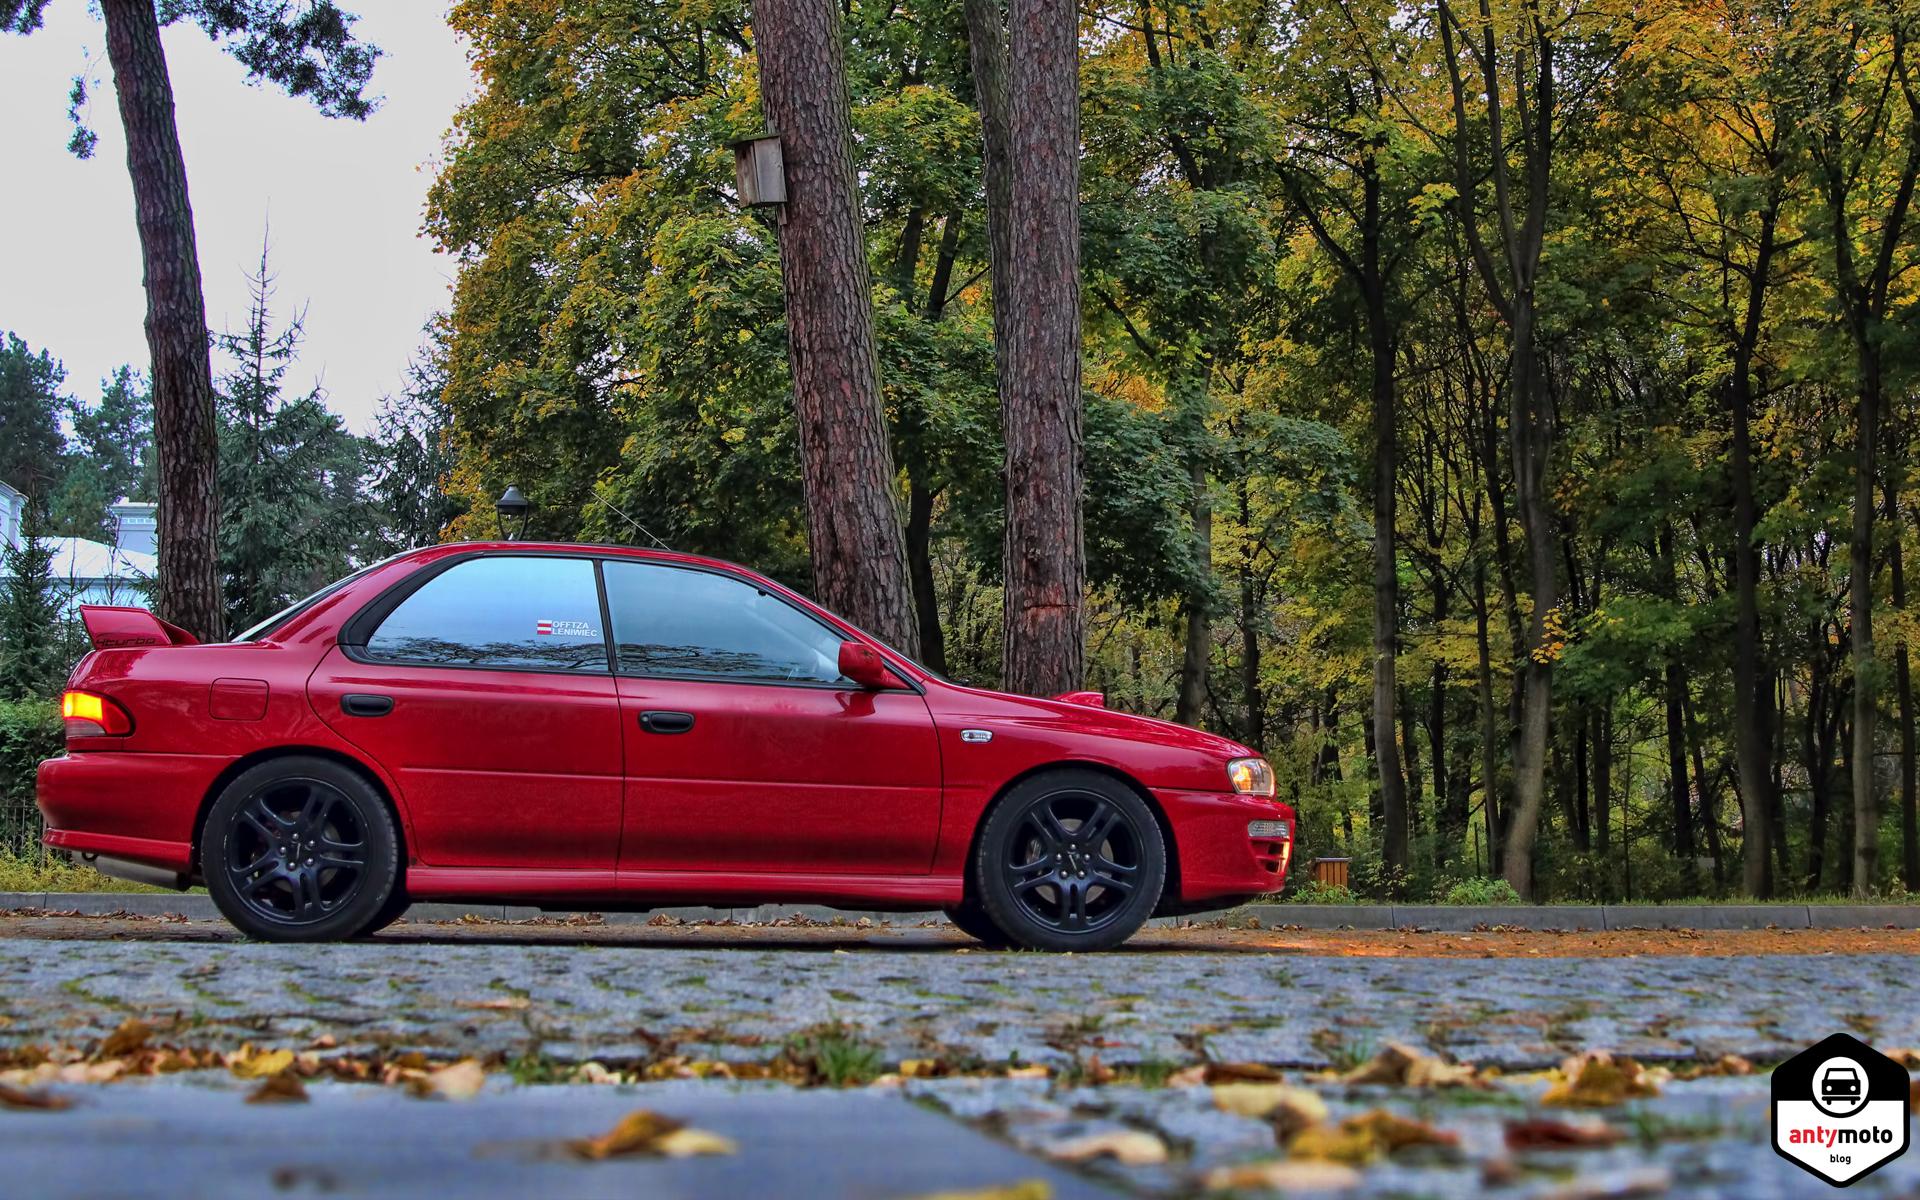 Subaru Impreza w jesiennej scenerii